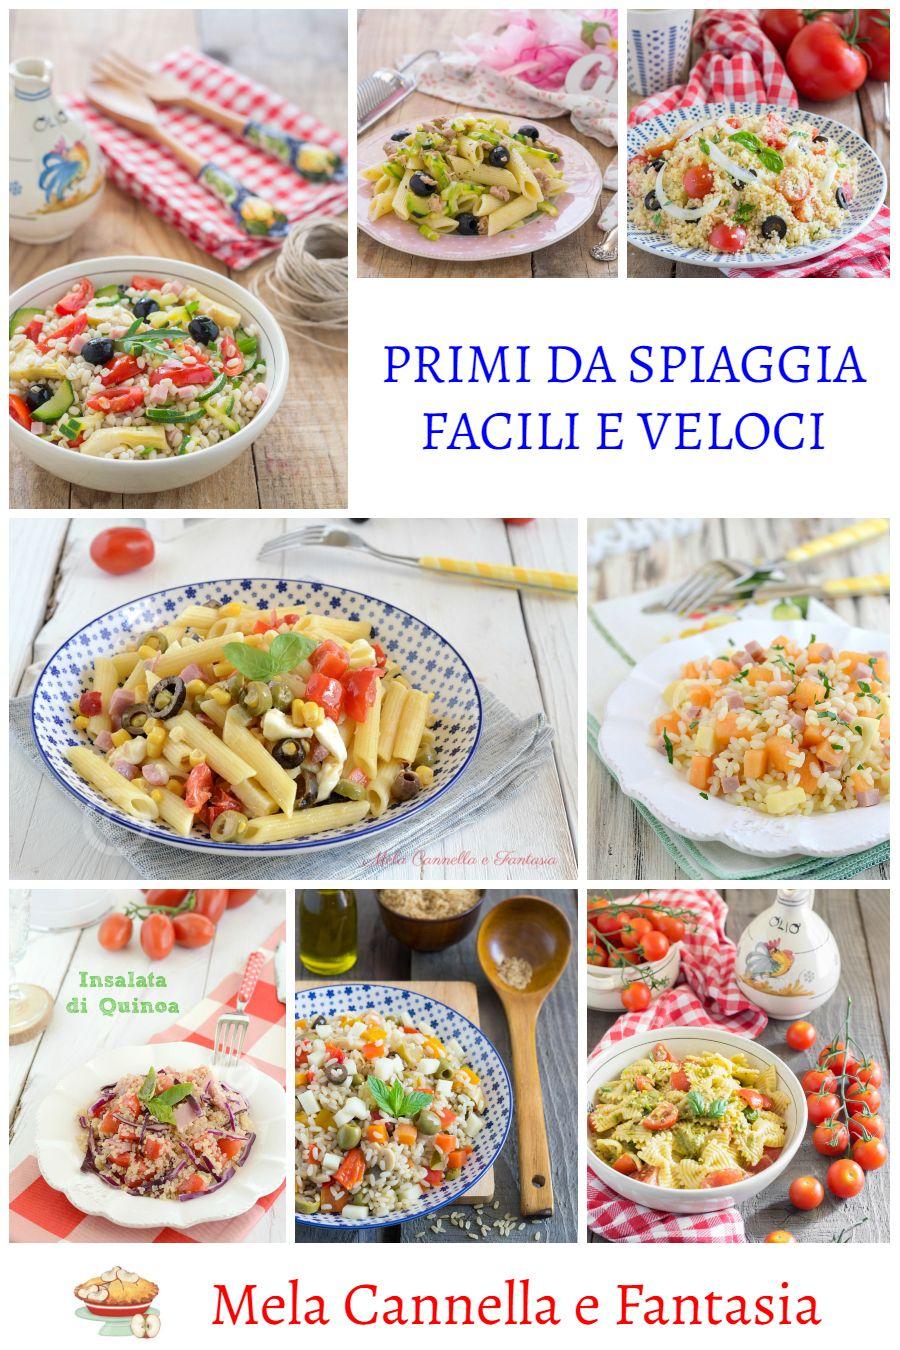 Primi Da Spiaggia Raccolta Primi Piatti Facili E Veloci Ricette Ricette Di Cucina Pasti Italiani